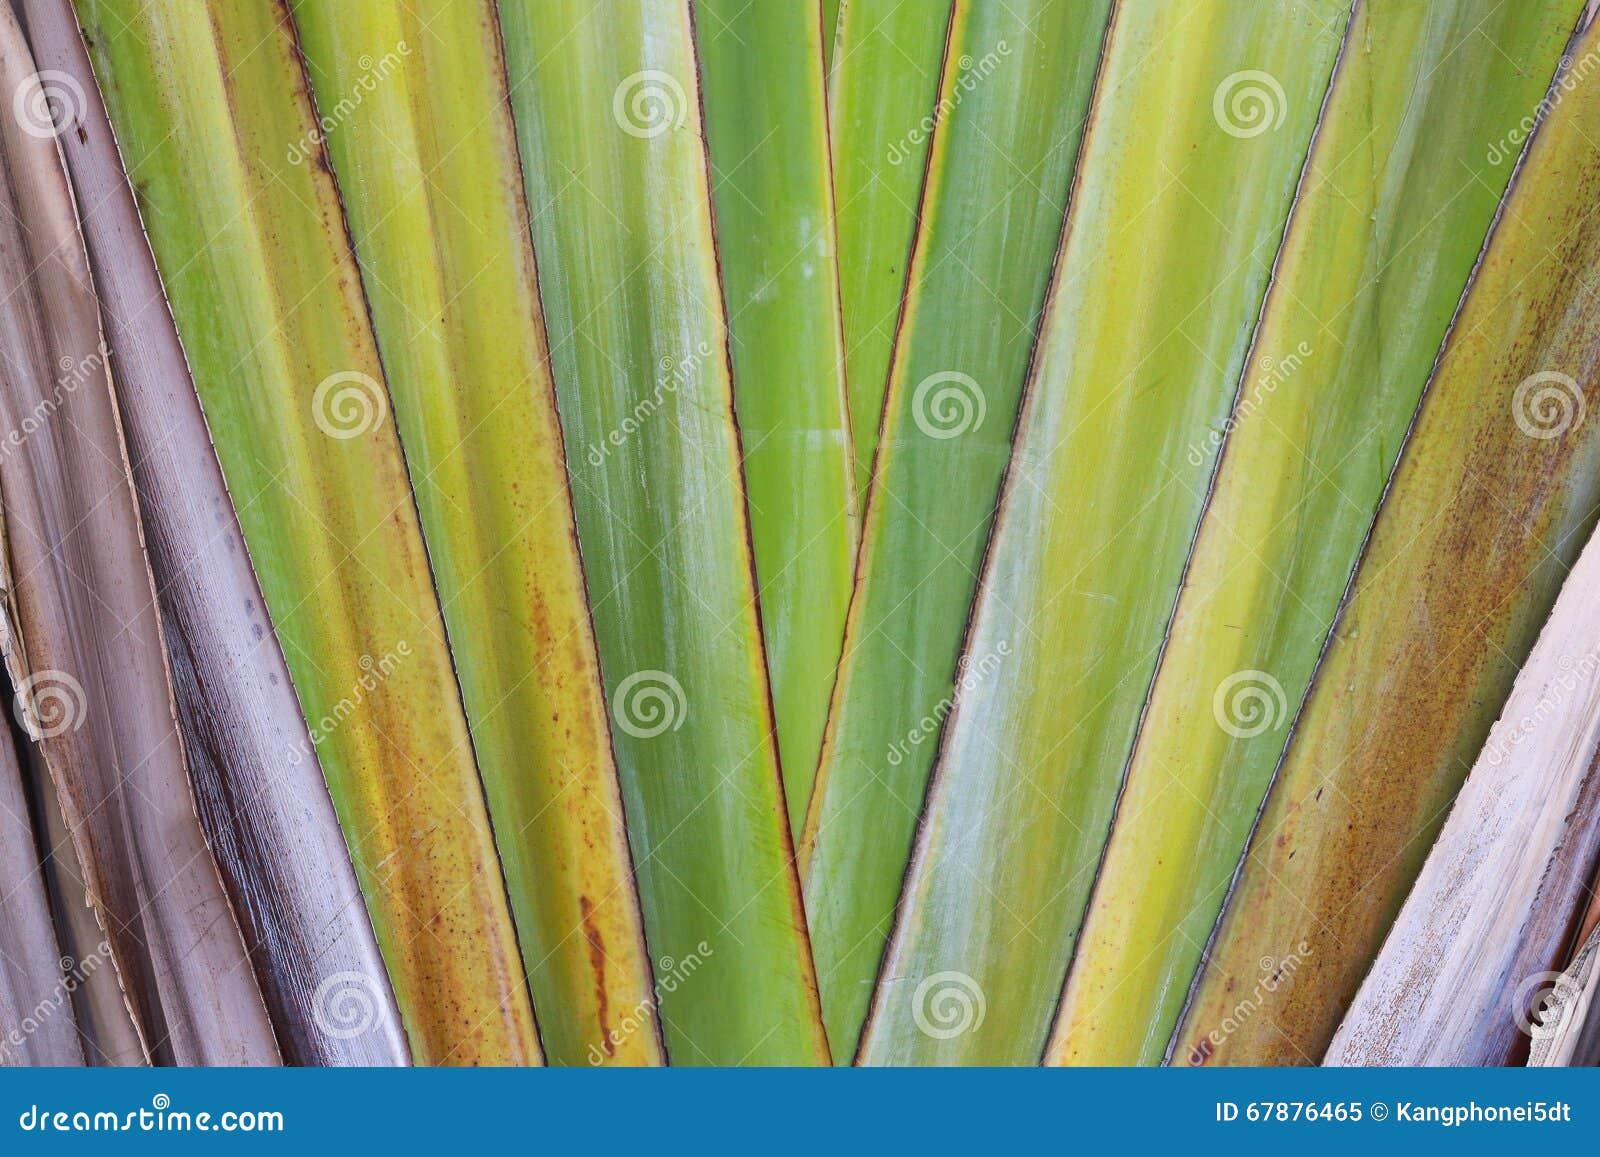 香蕉大明亮的接近的绿色留下结构树